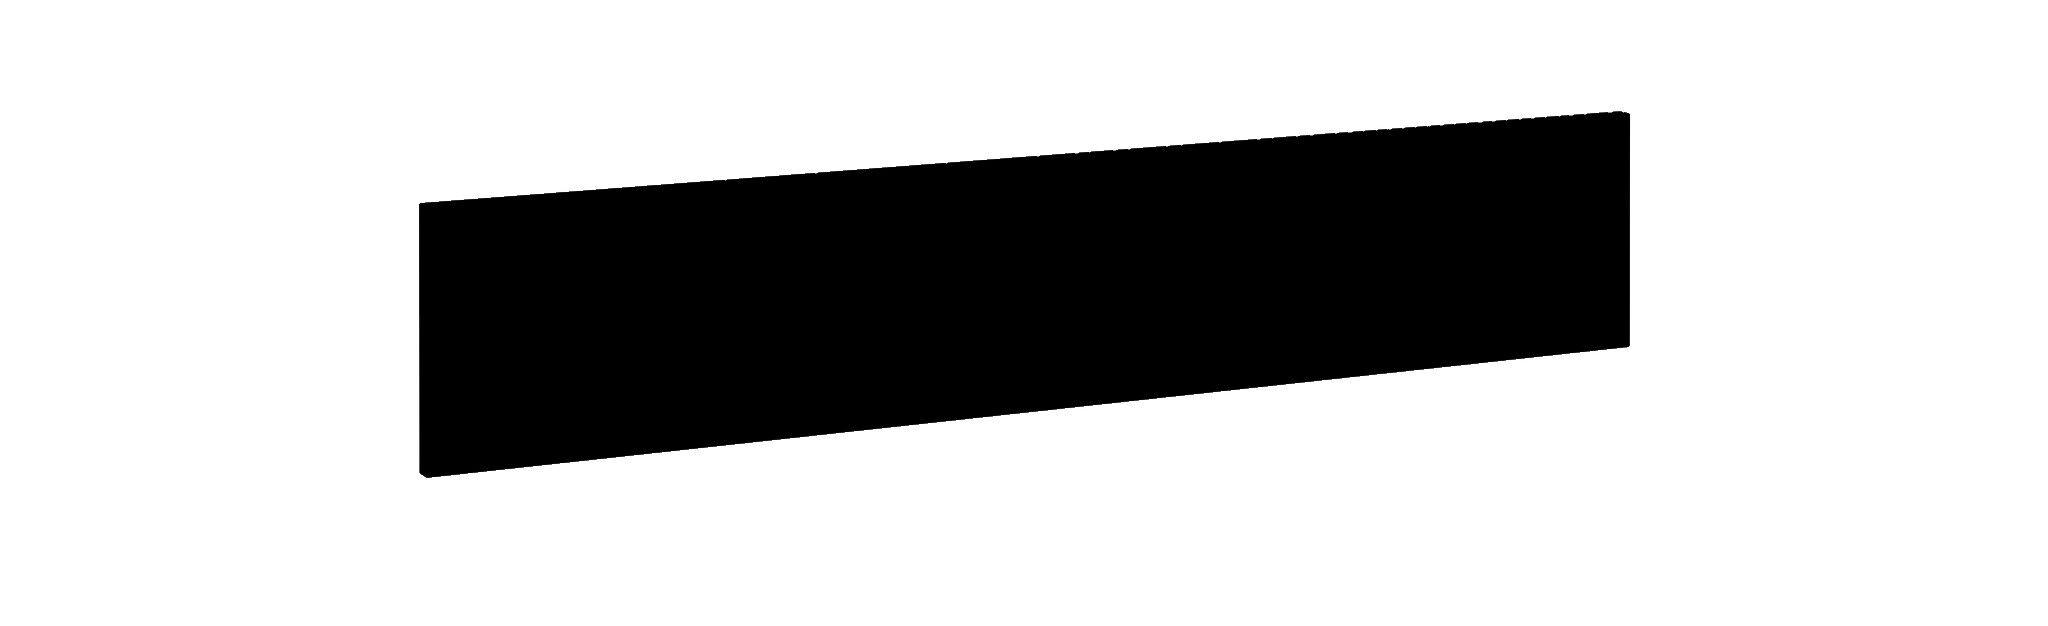 Voile de fond pour bureau MAMBO L160 cm - L130 x H25 cm - Noir